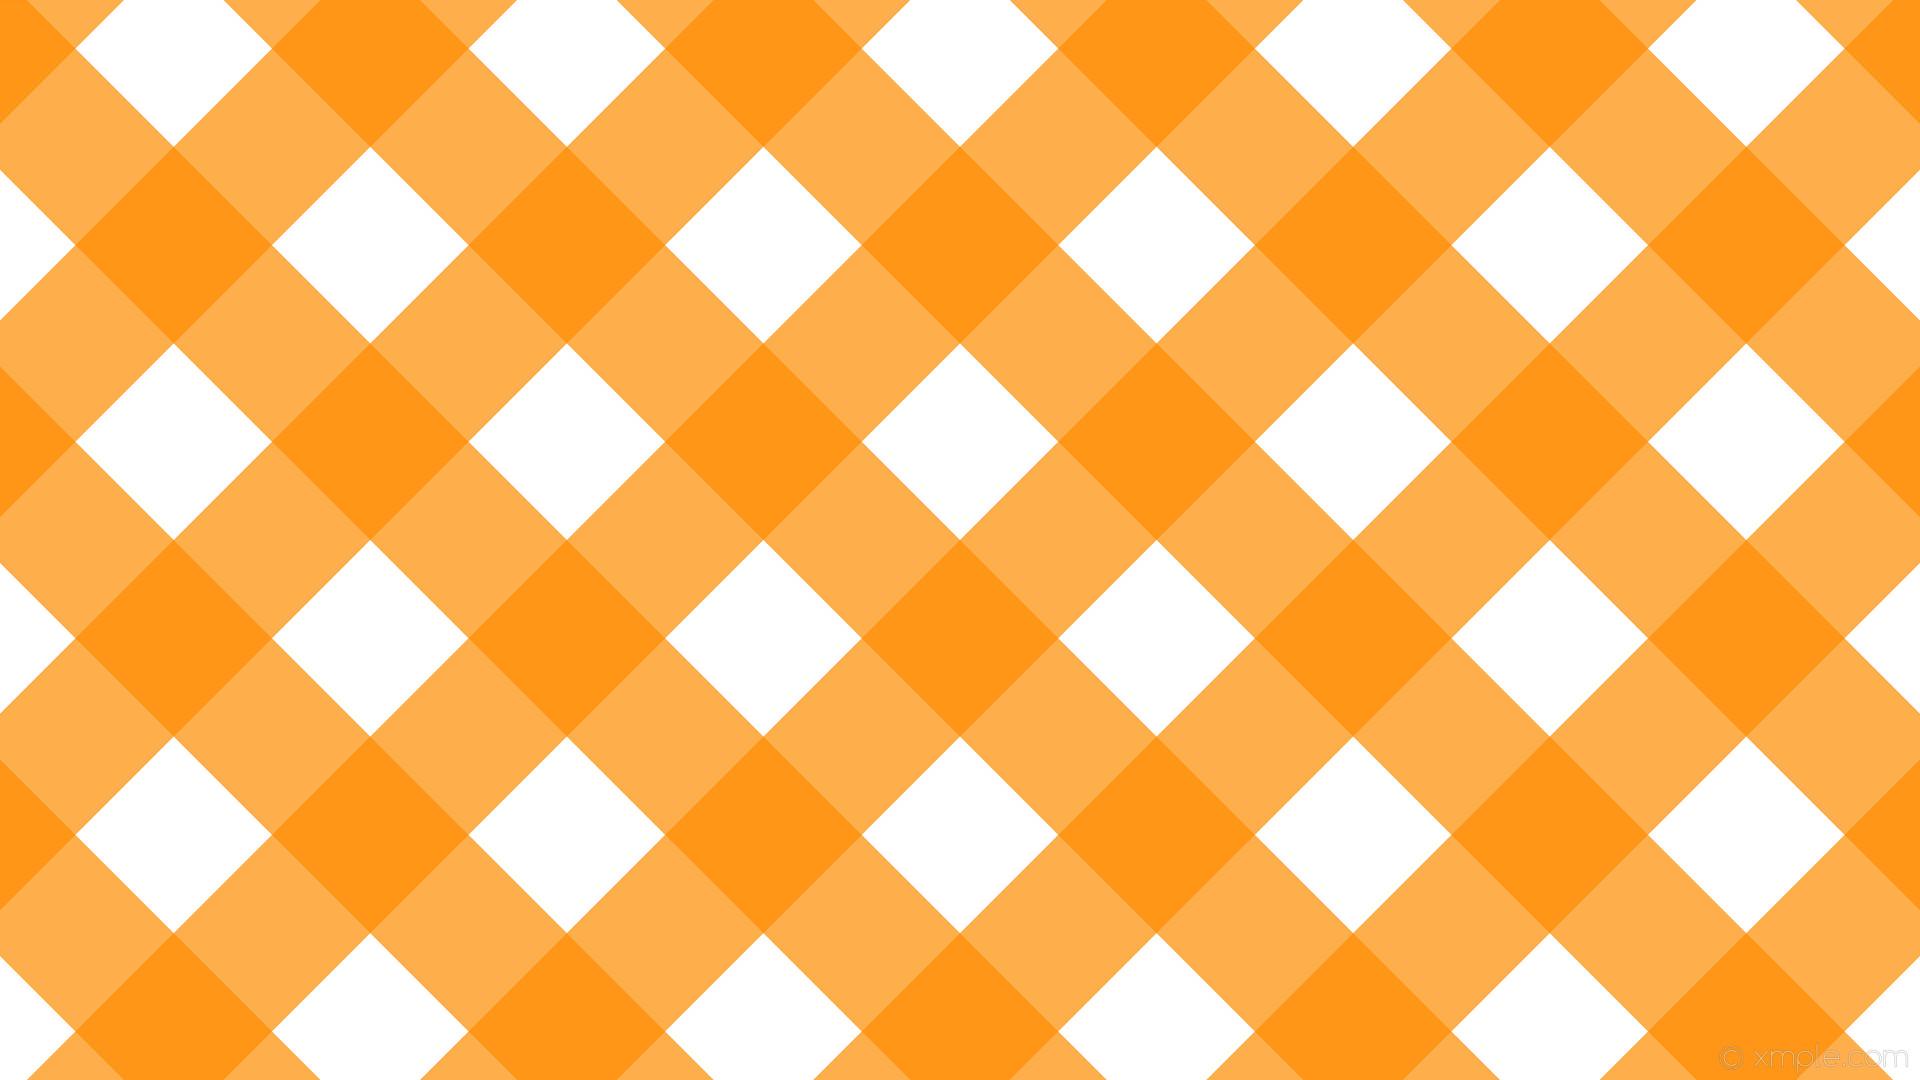 wallpaper orange gingham white checker striped dark orange #ffffff #ff8c00  315° 139px